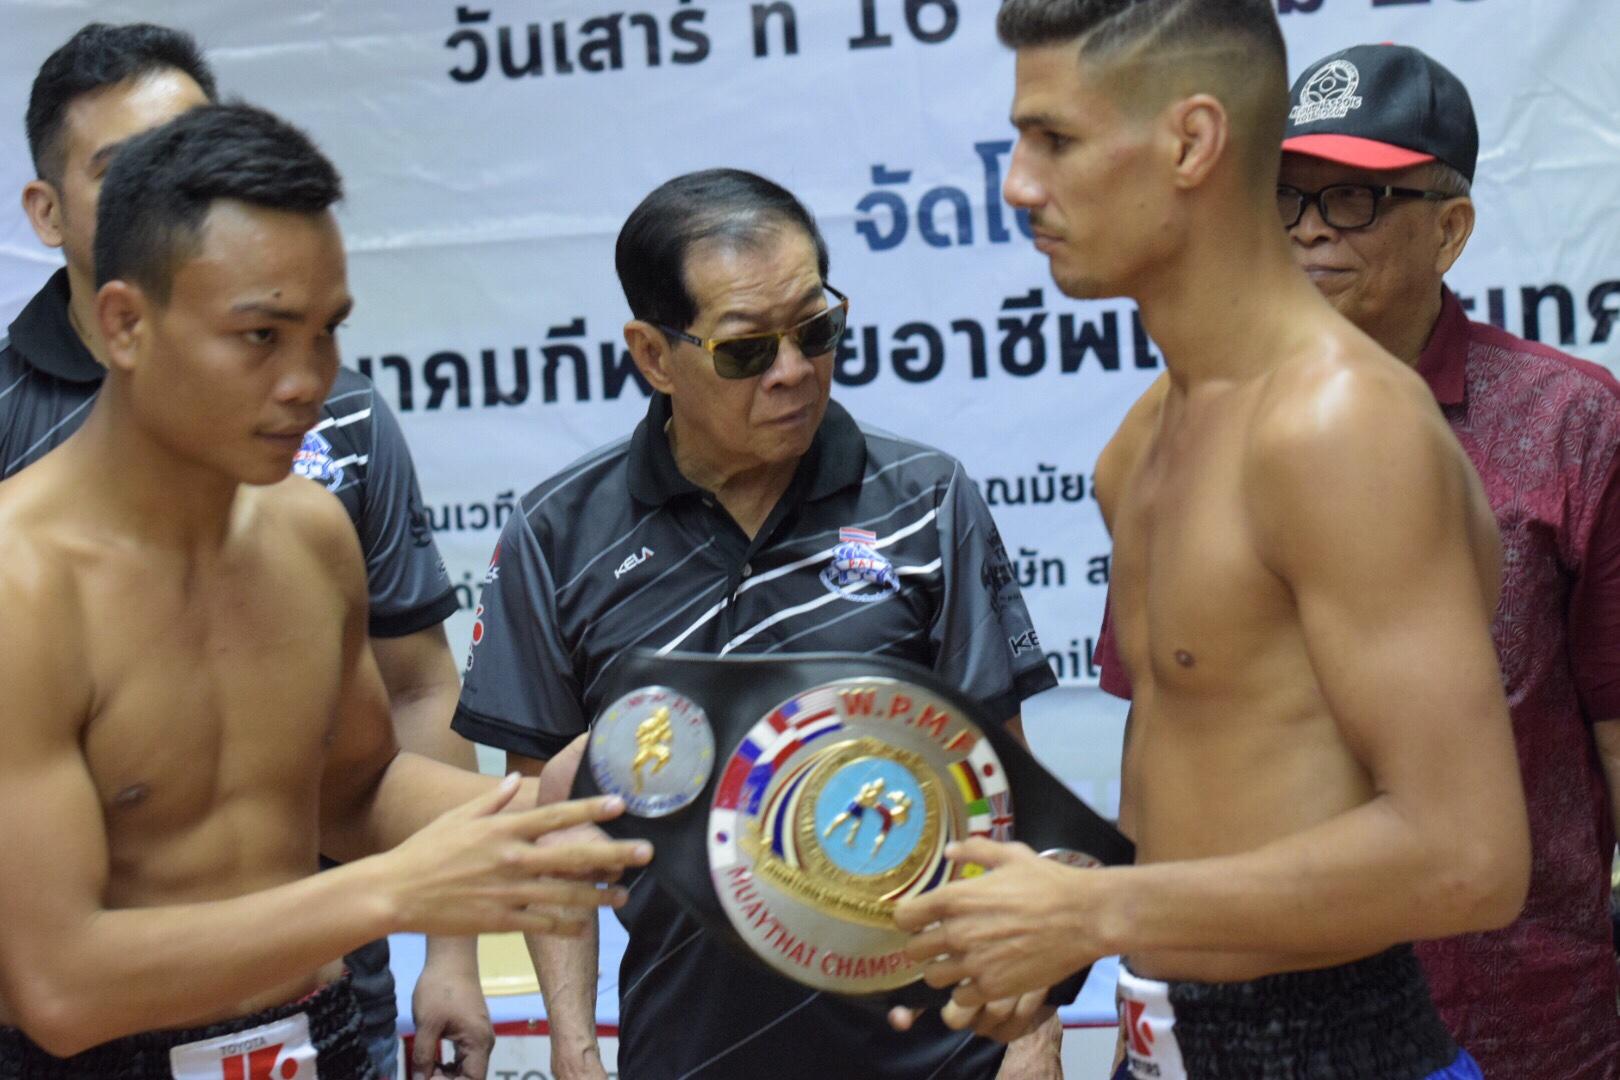 Show WPMF com Saulo e Lobo disputando cinturão